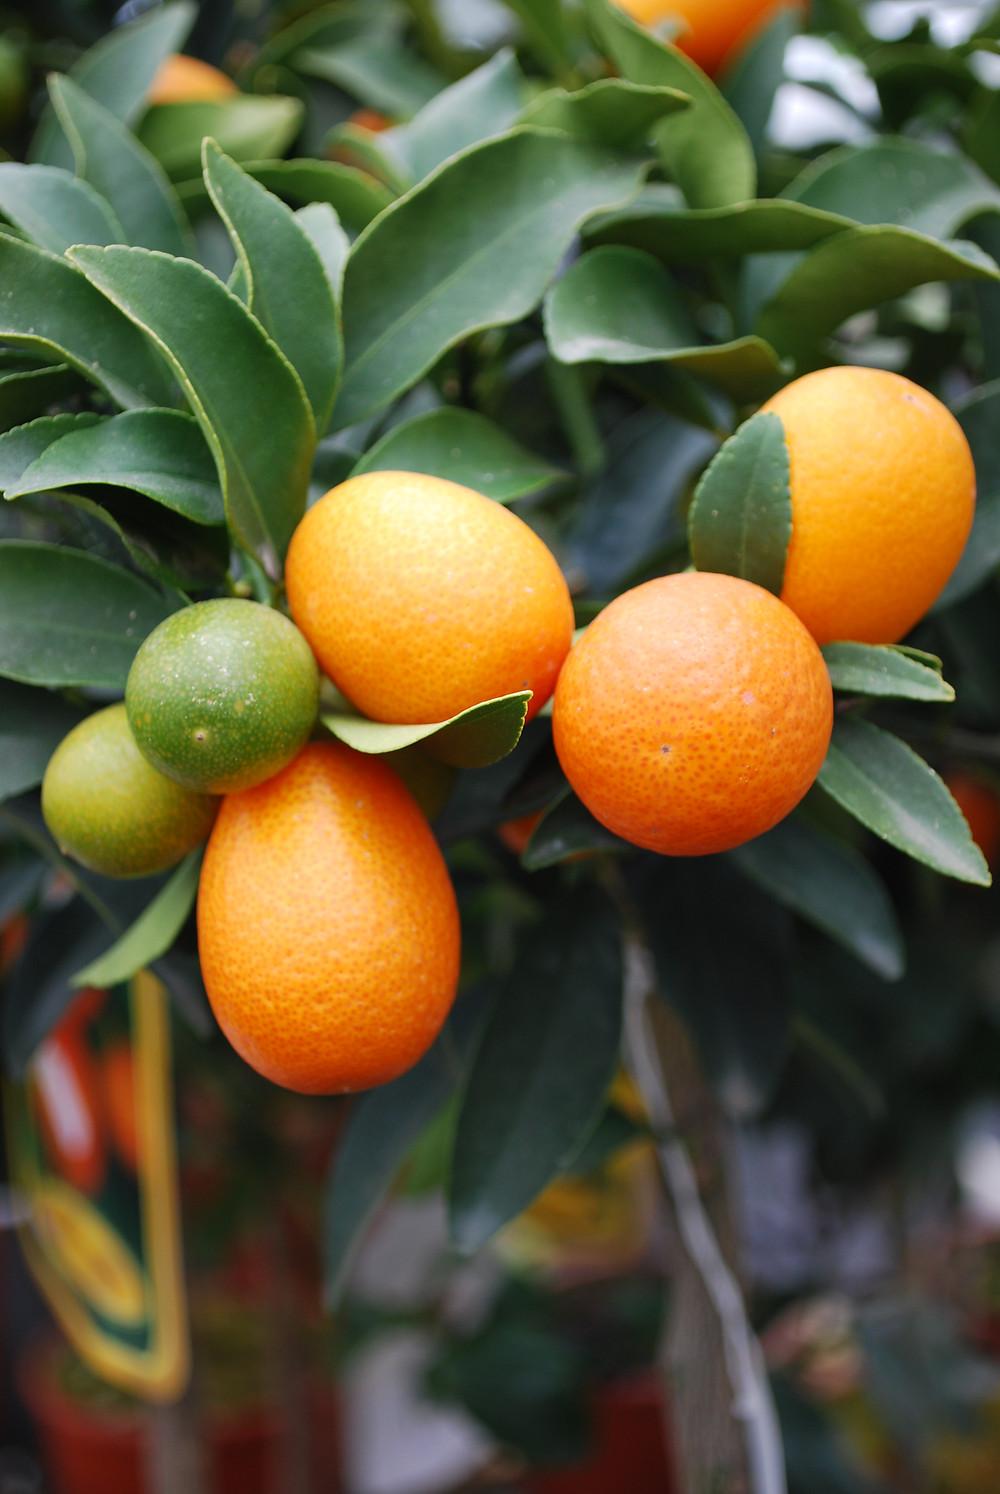 Medelhavsväxter och utemiljö - Temahelg för trädgårdsintresserade hos Gunnebo på Sydkusten